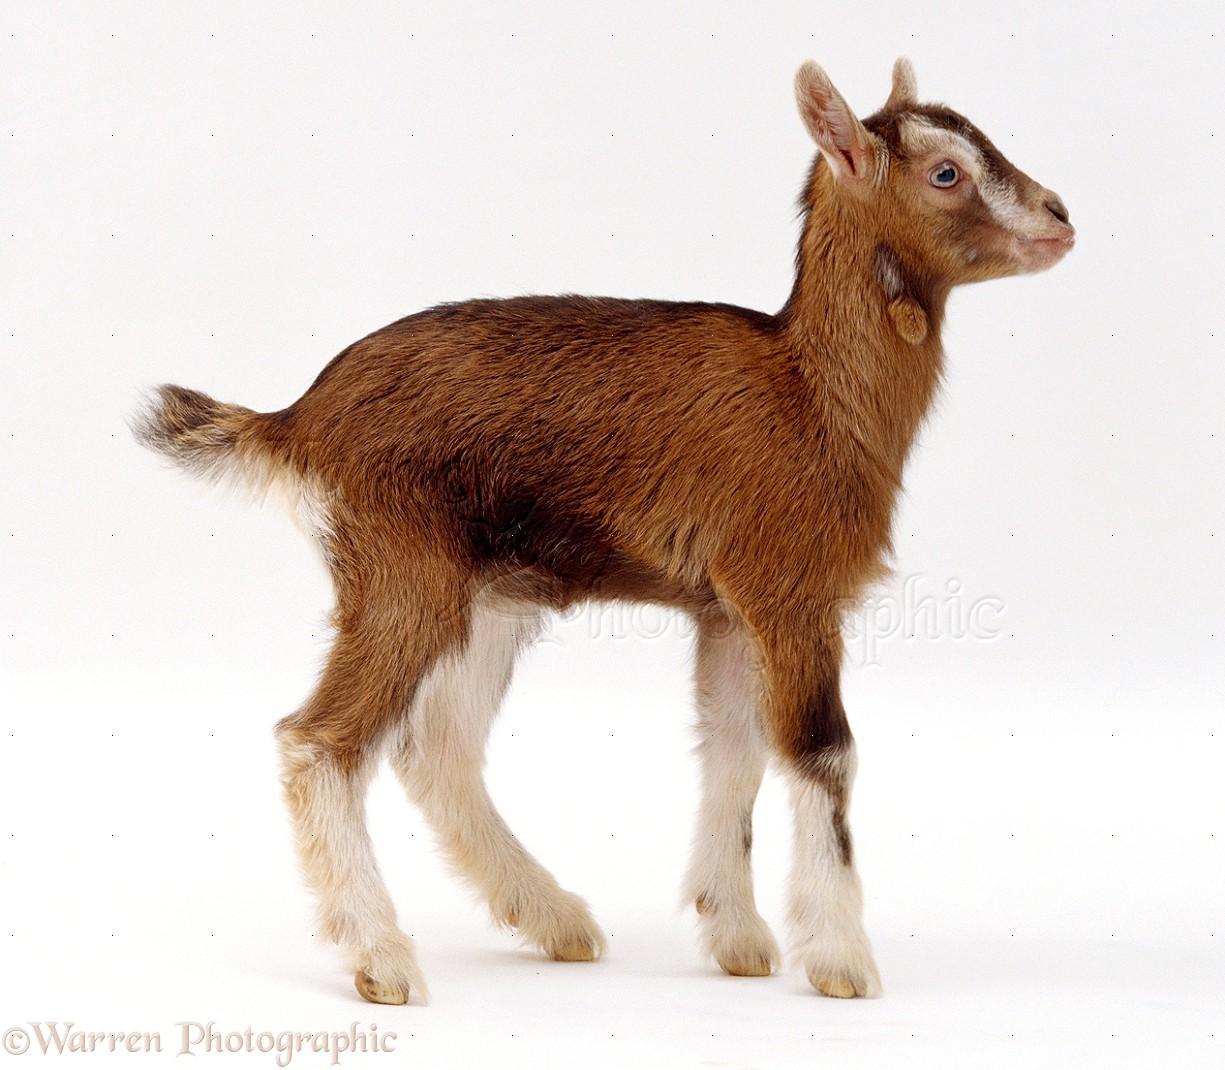 Goat kid photo WP20868  One Goat White Background